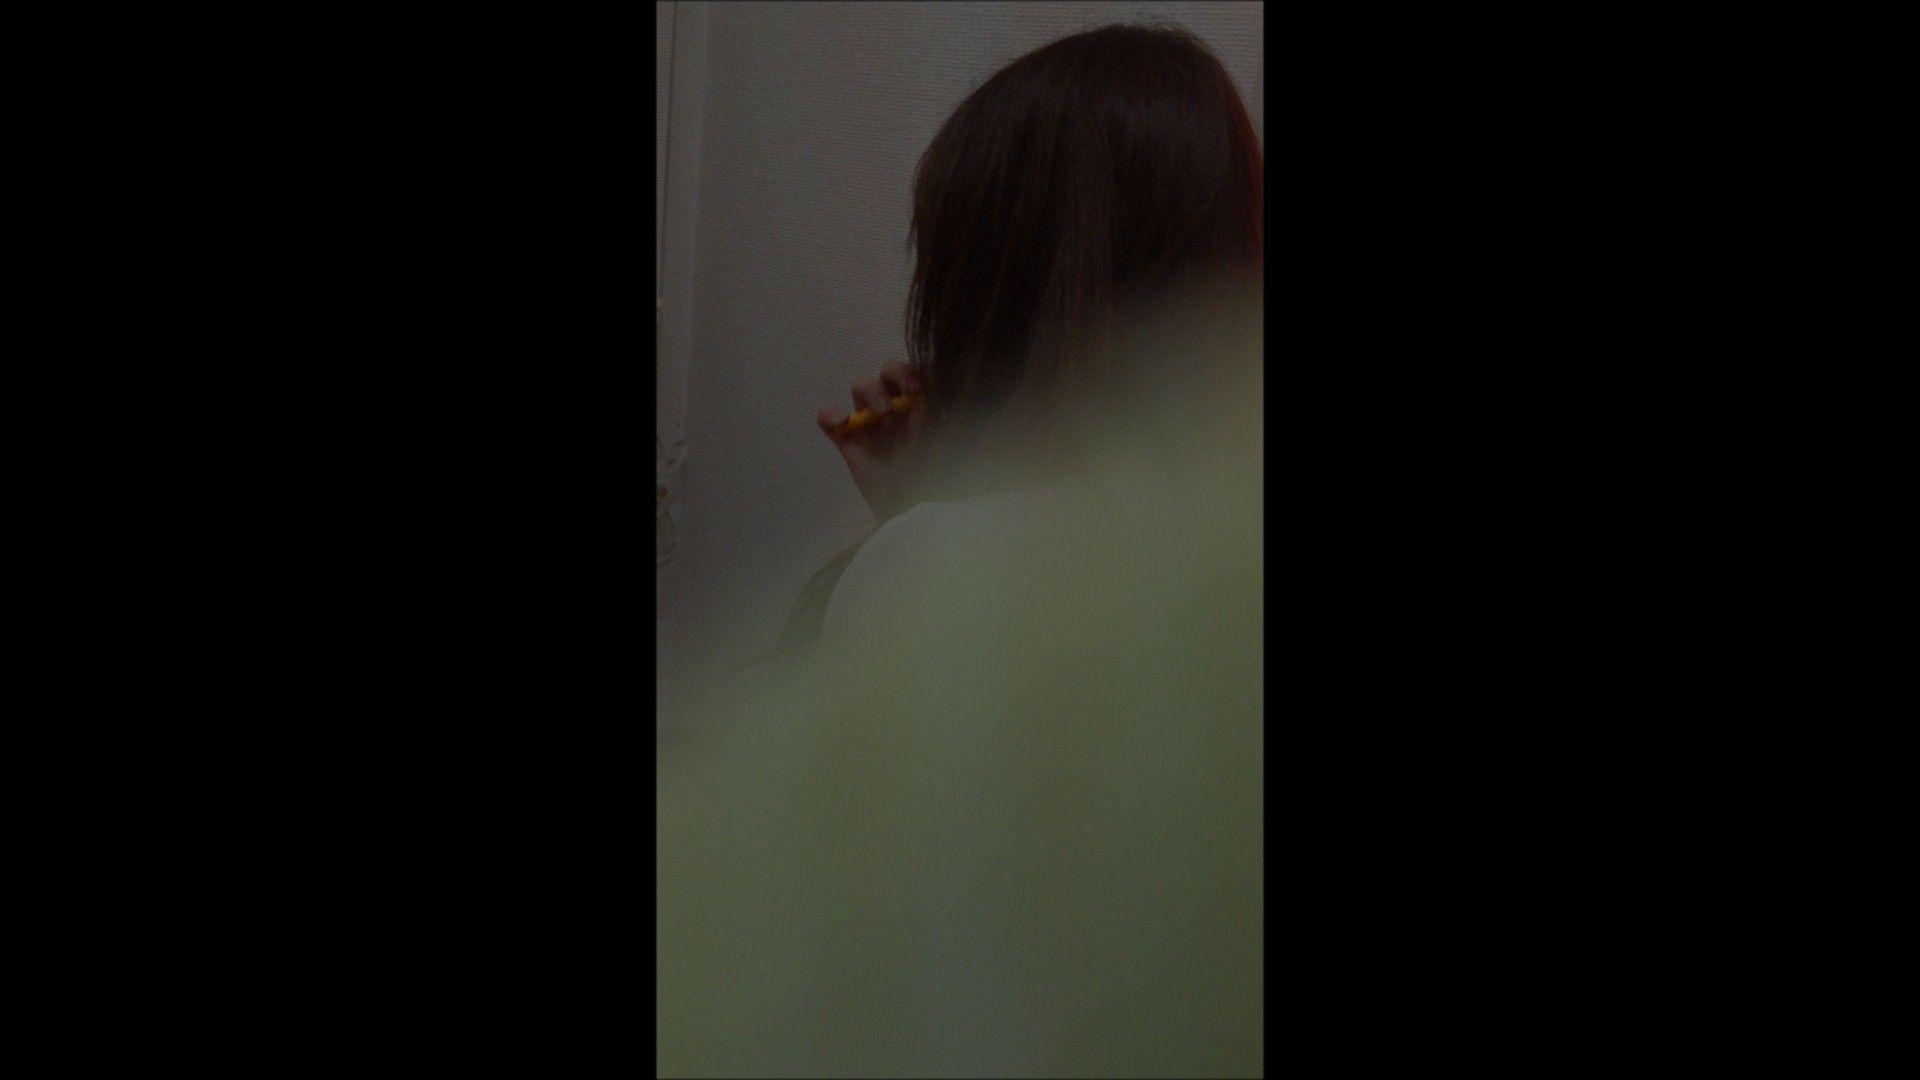 08(8日目)メイク中の彼女の顔を撮りました! いやらしいOL  51連発 32